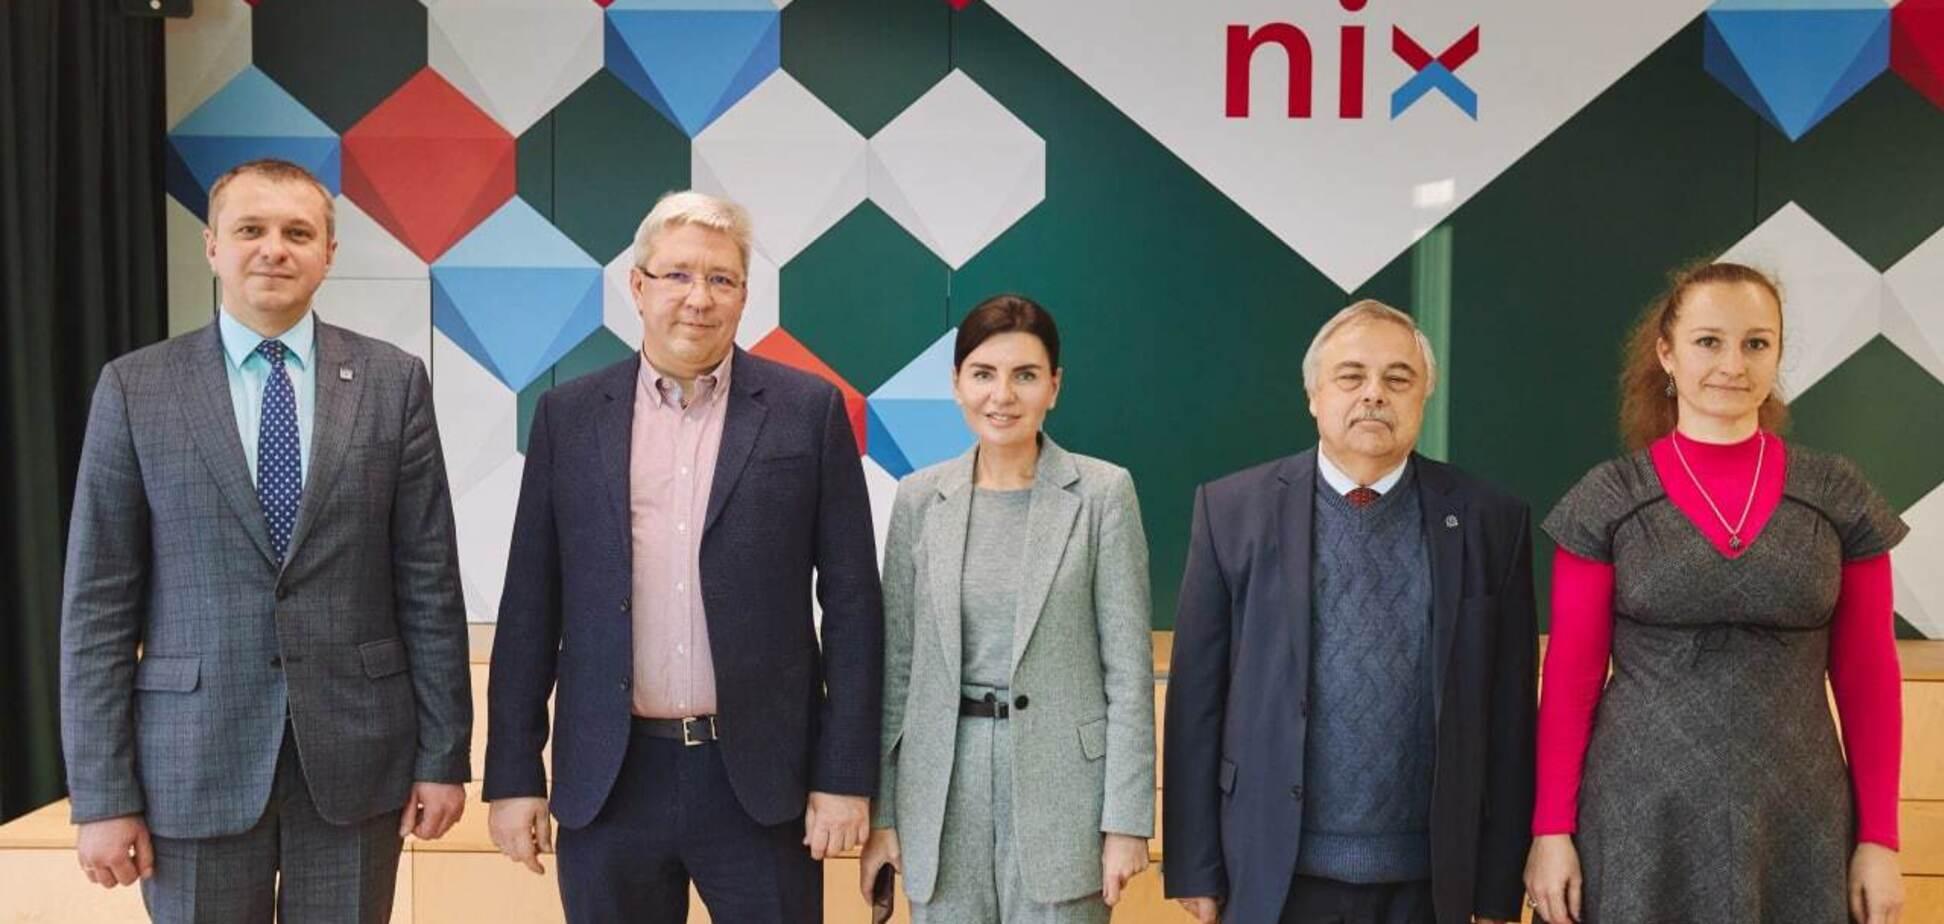 Провідна IT-компанія NIX підписала угоду про співпрацю з Харківським університетом ім. Каразіна